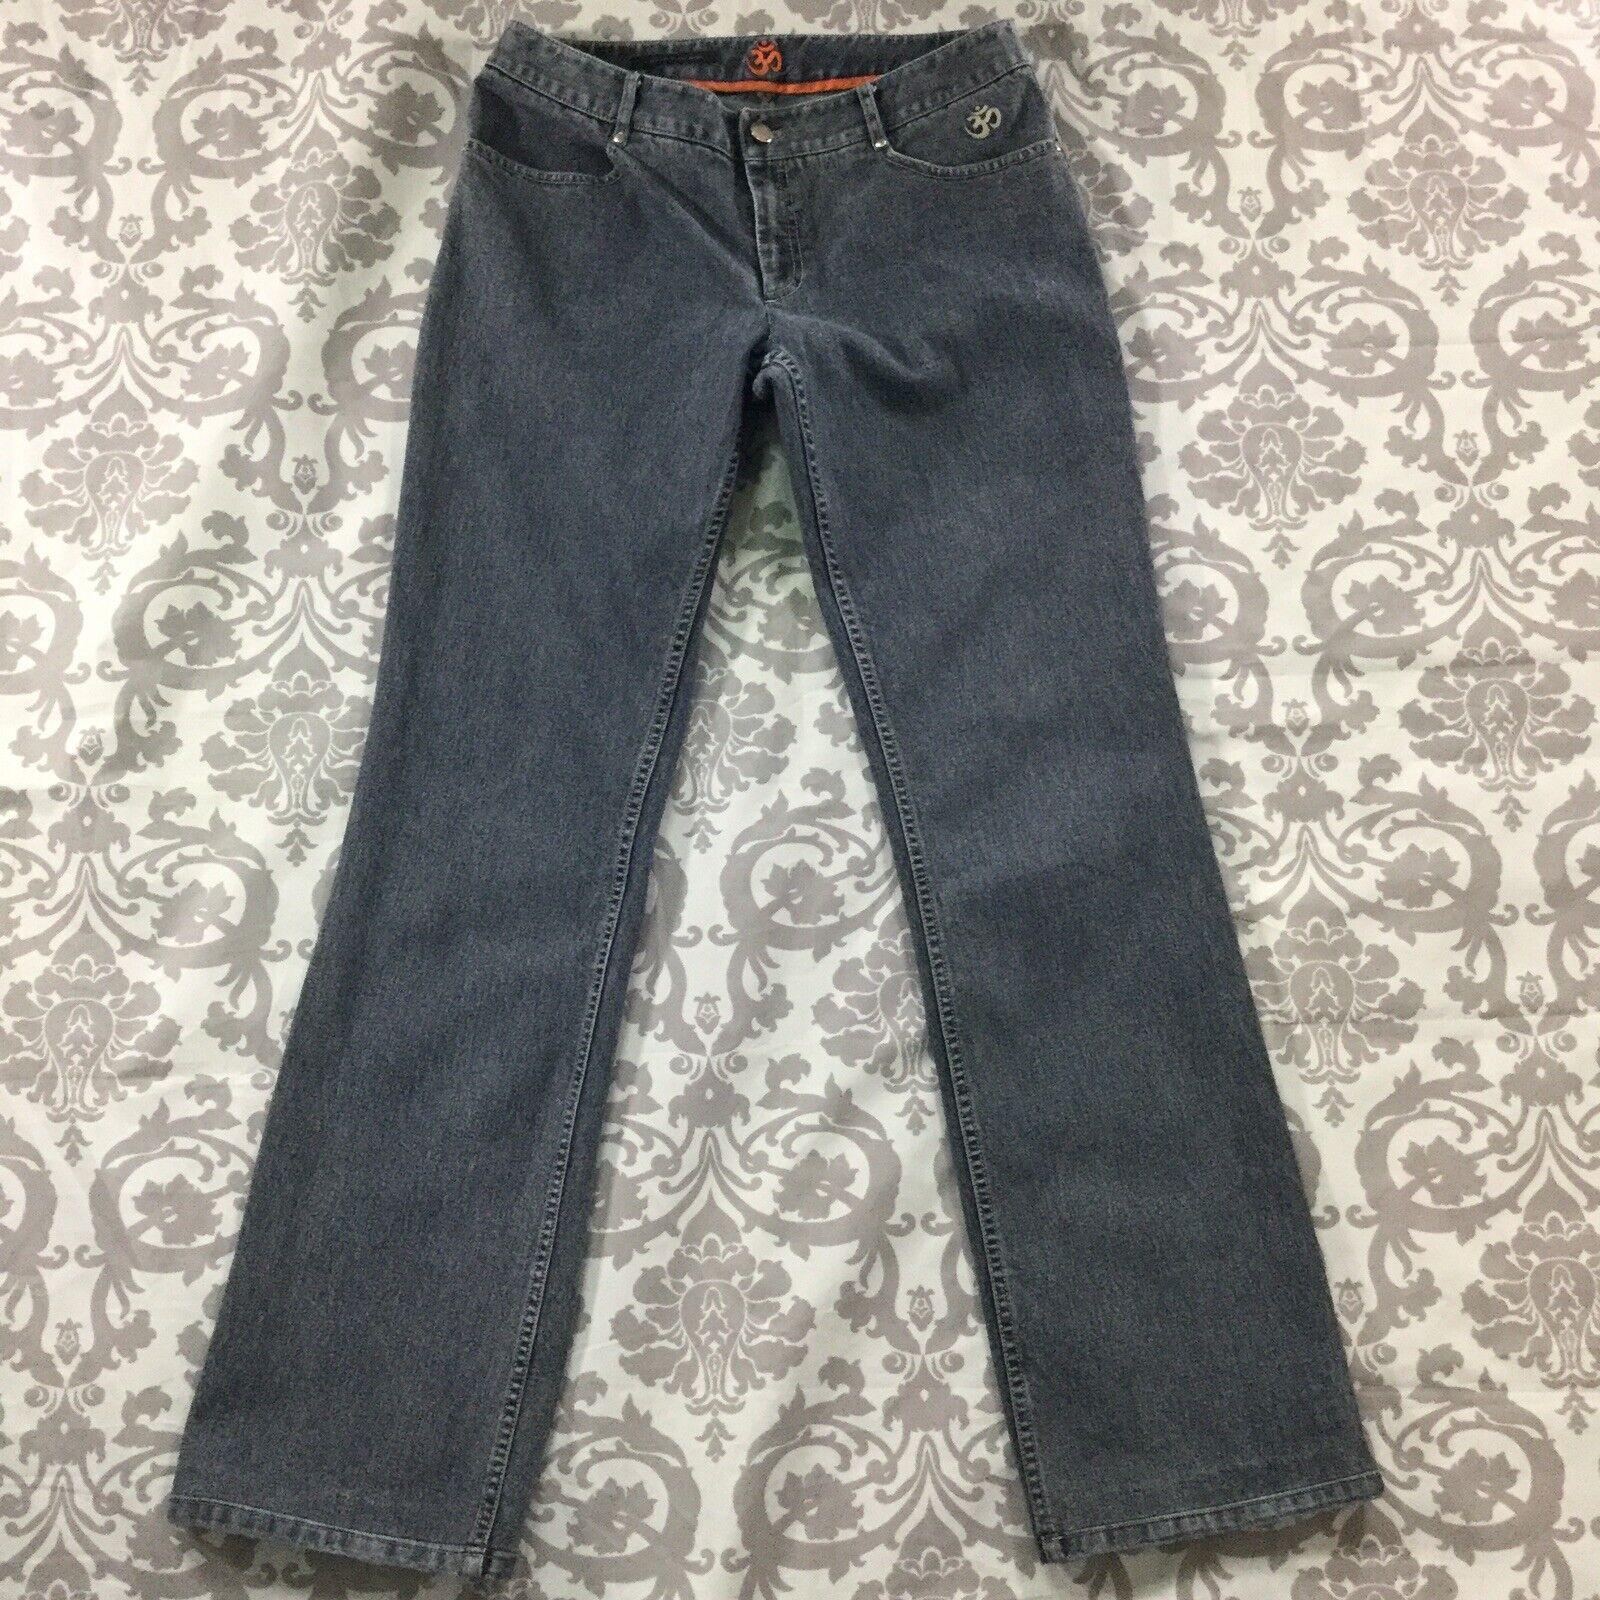 Elie Tahari Womens Jeans size 8 x 2  inseam Medium Wash Cotton Stretch Straight